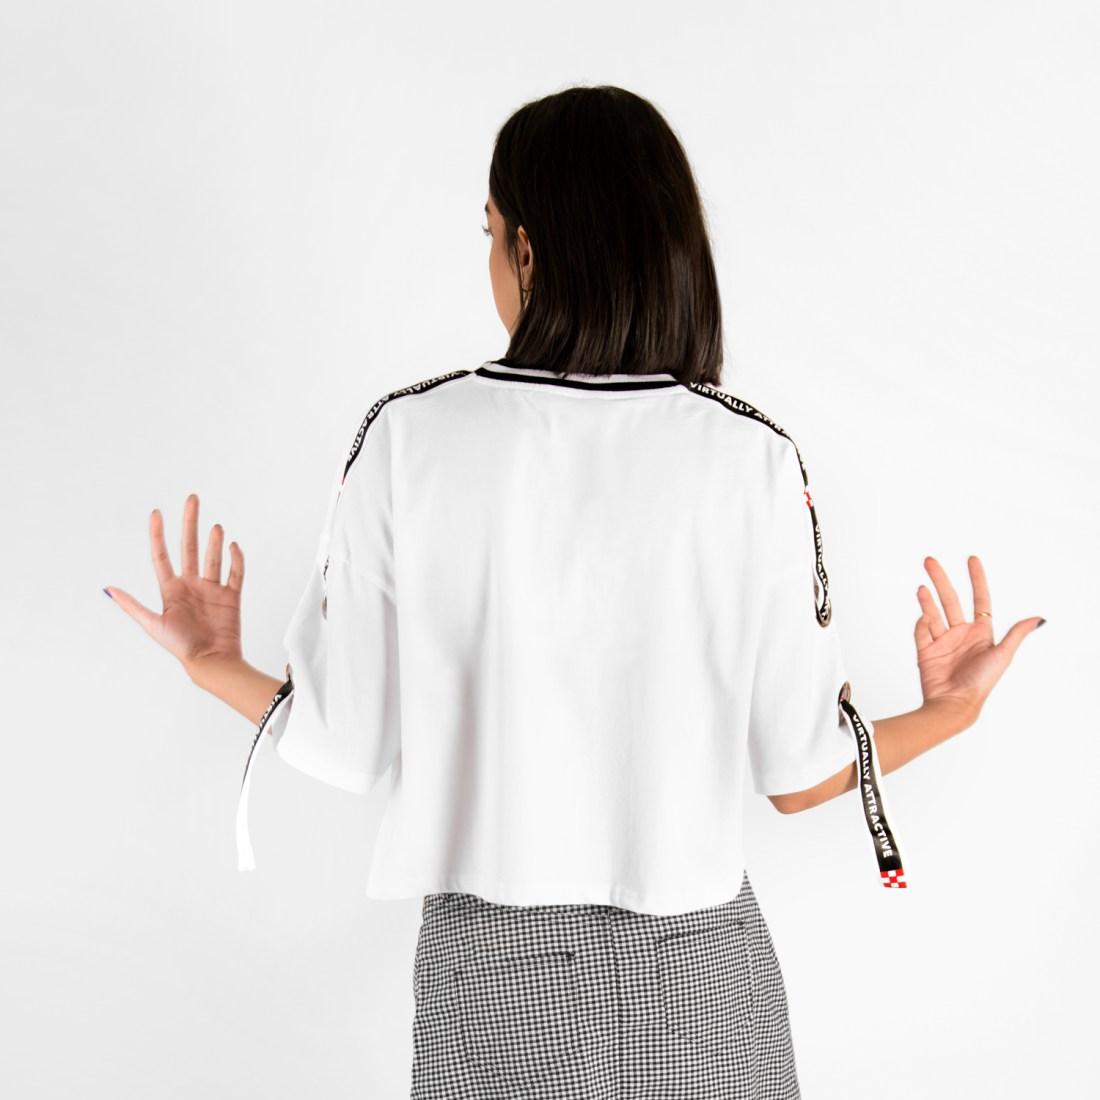 W_tapeTshirt1